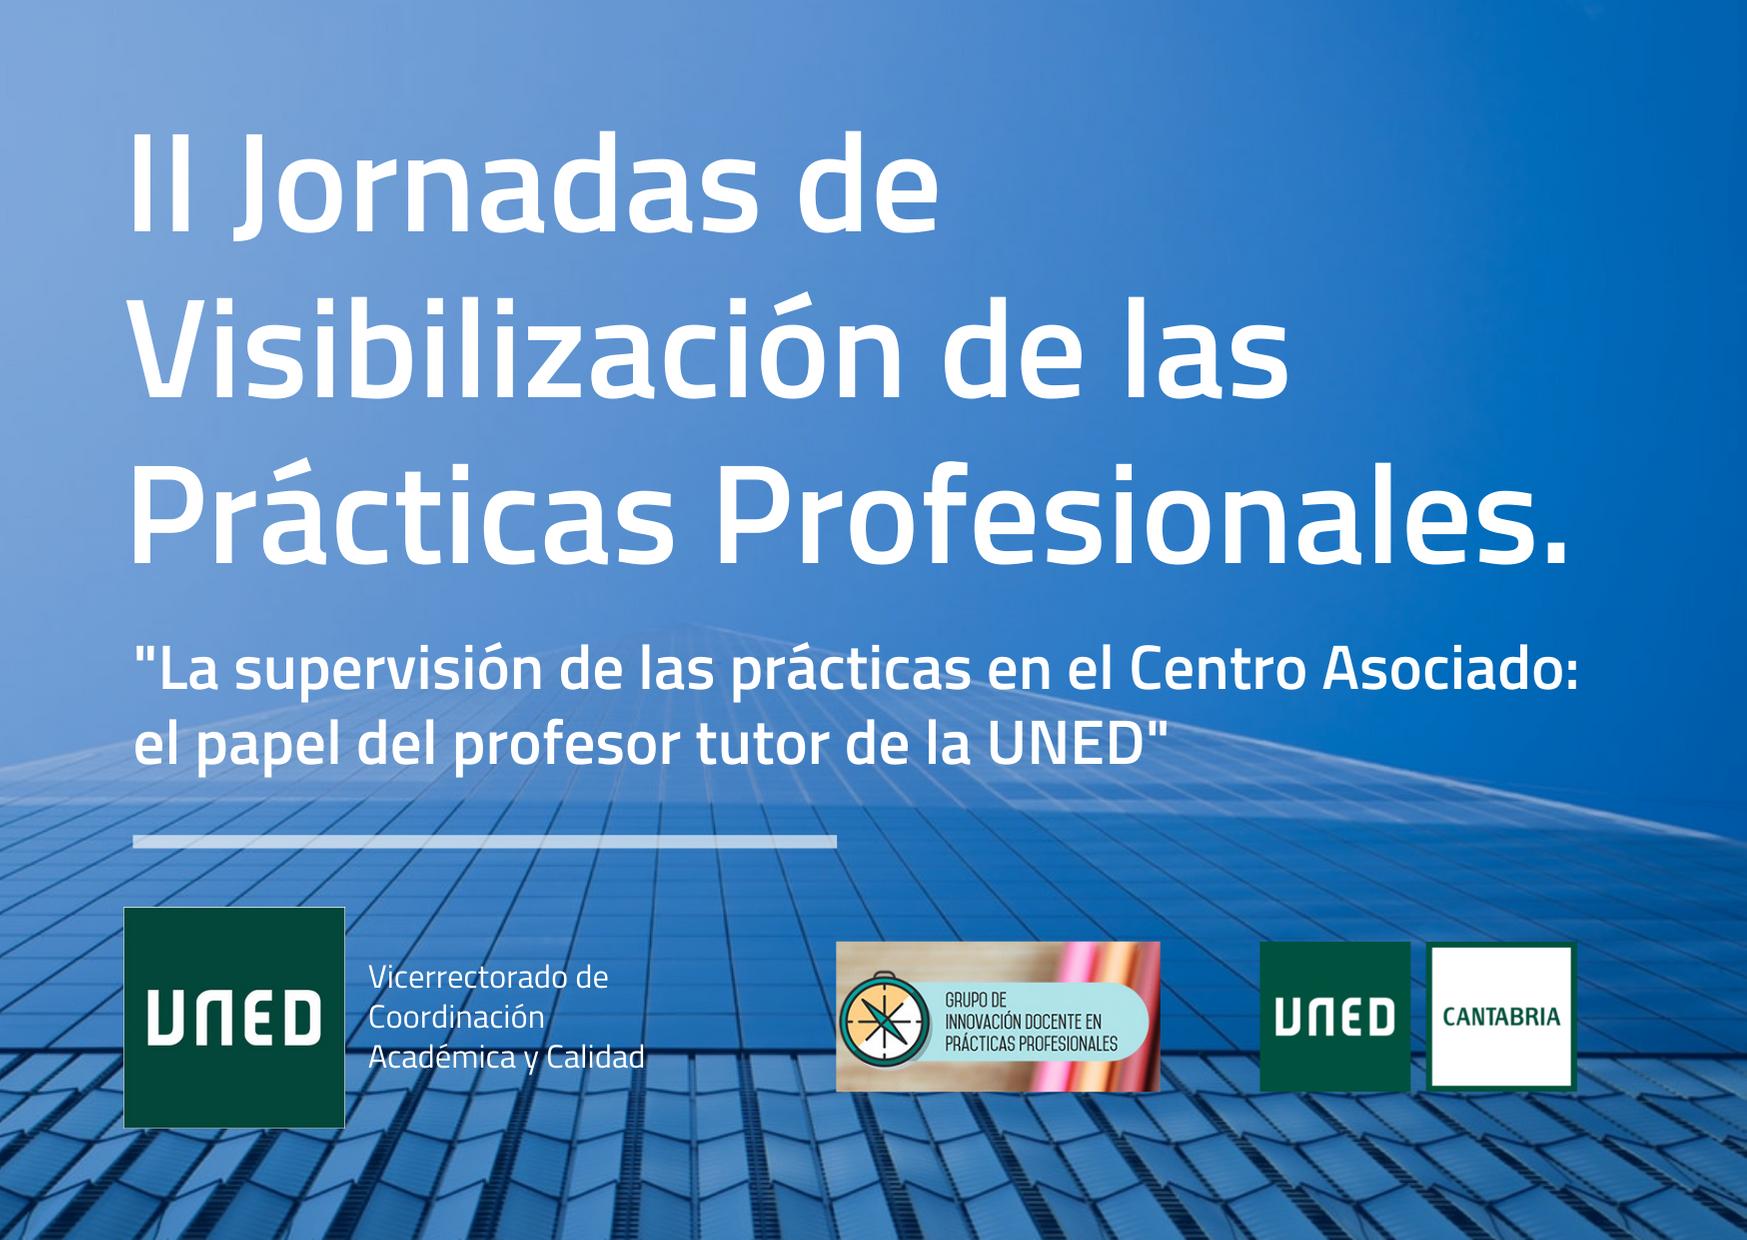 II Jornadas de Visibilización de las Prácticas Profesionales